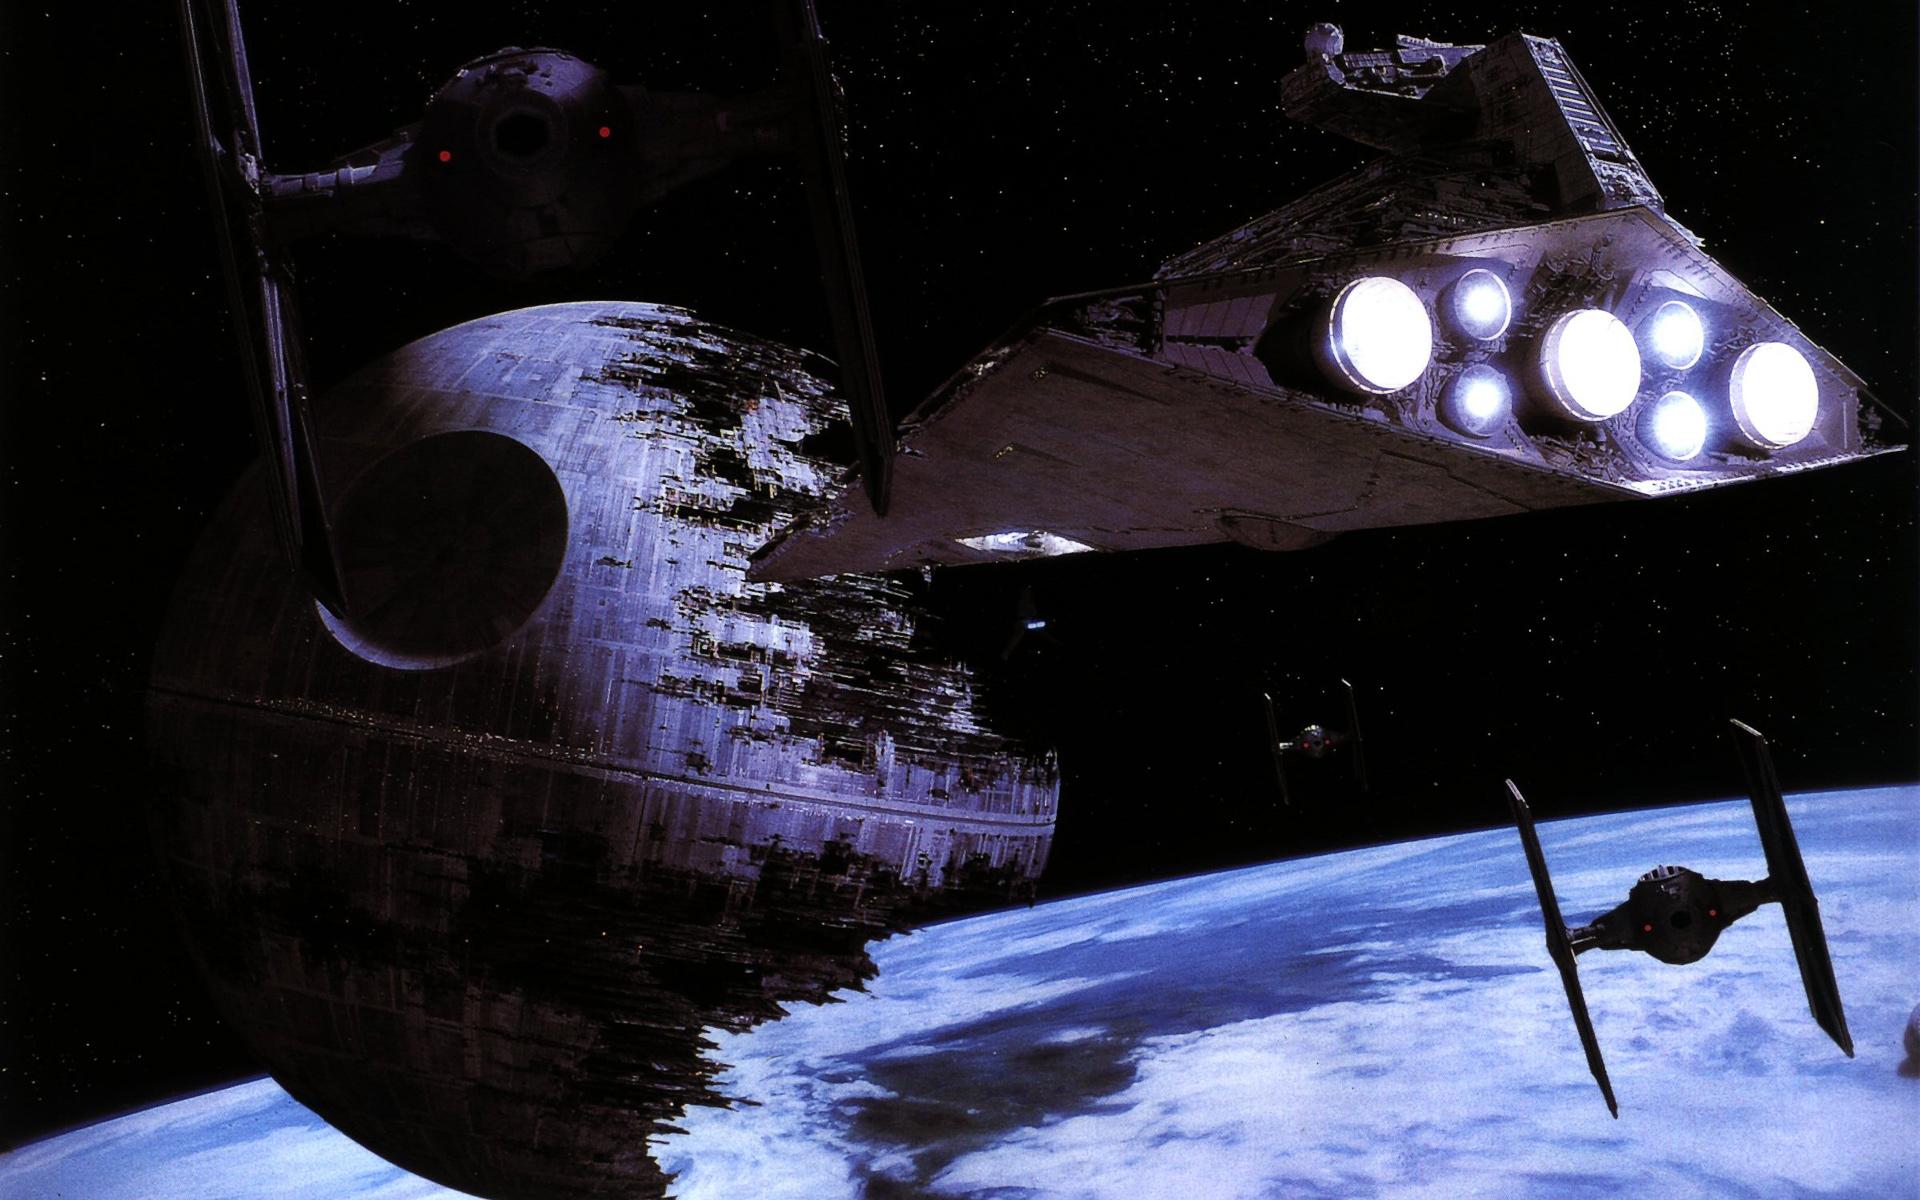 Free Star Wars Wallpapers HD | PixelsTalk.Net